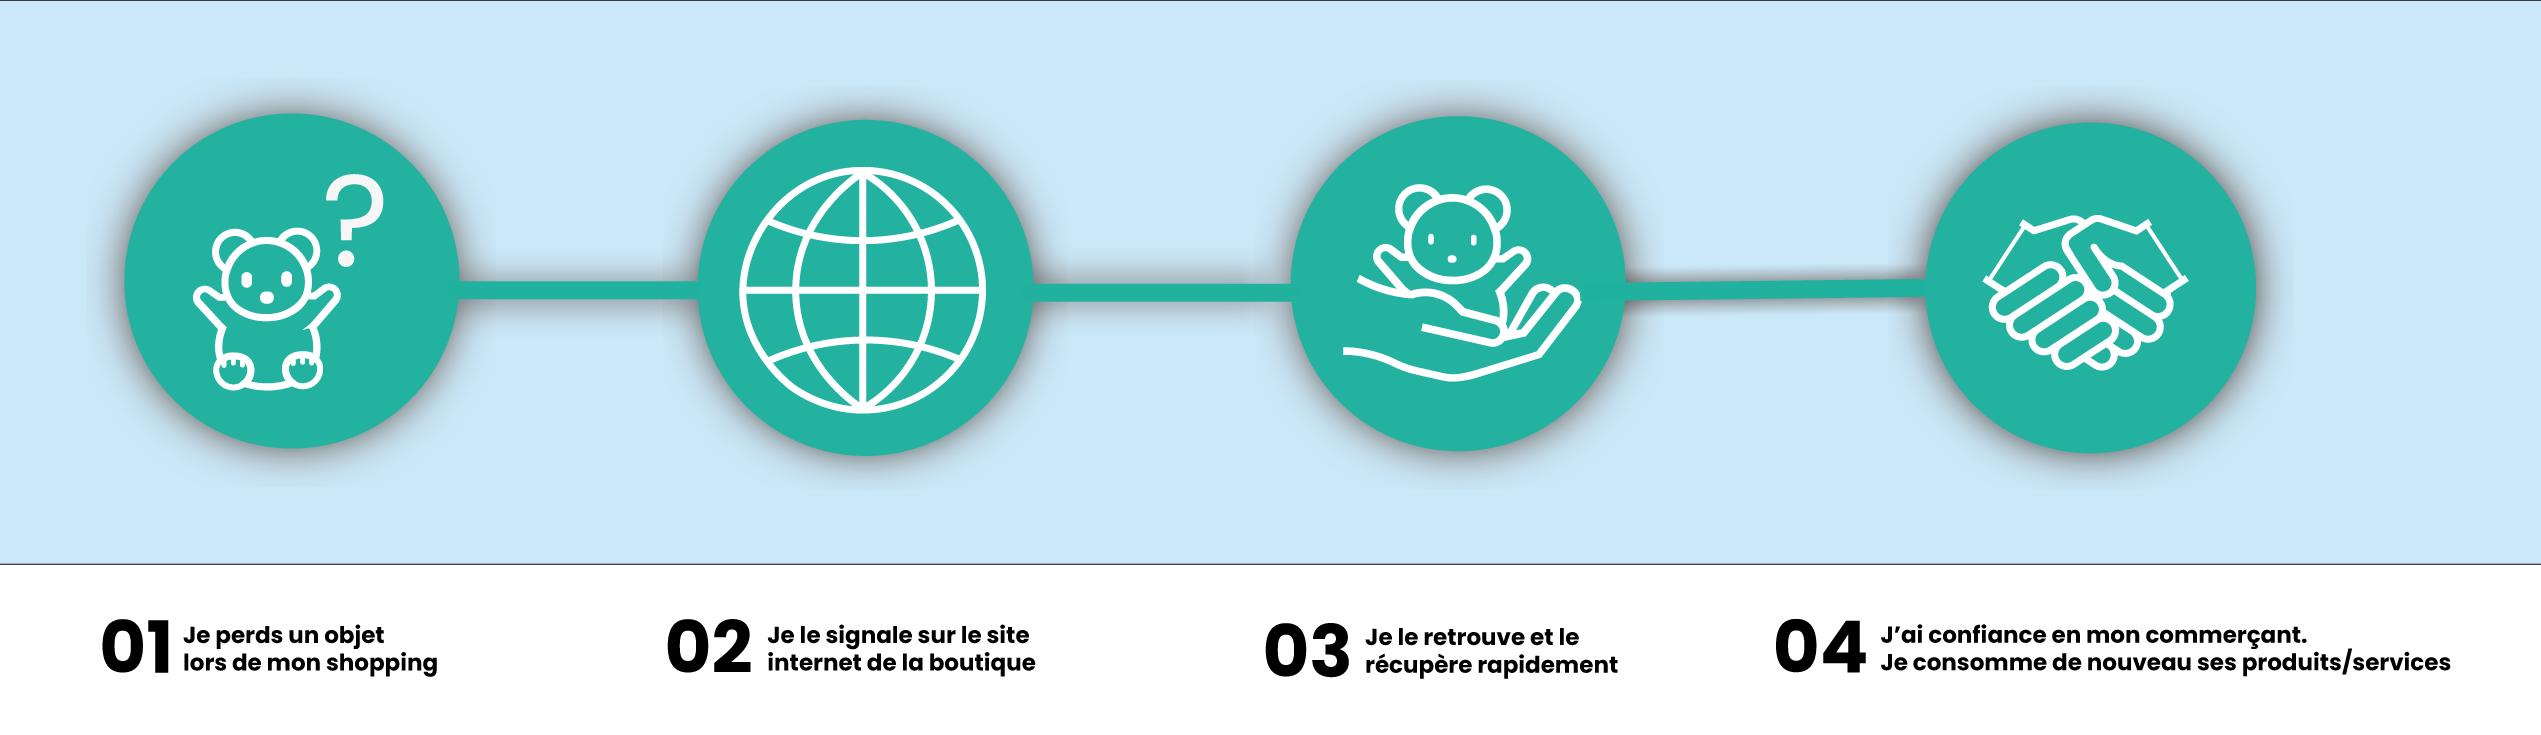 infographie Troov.com gestion d'objets trouvés et expérience client